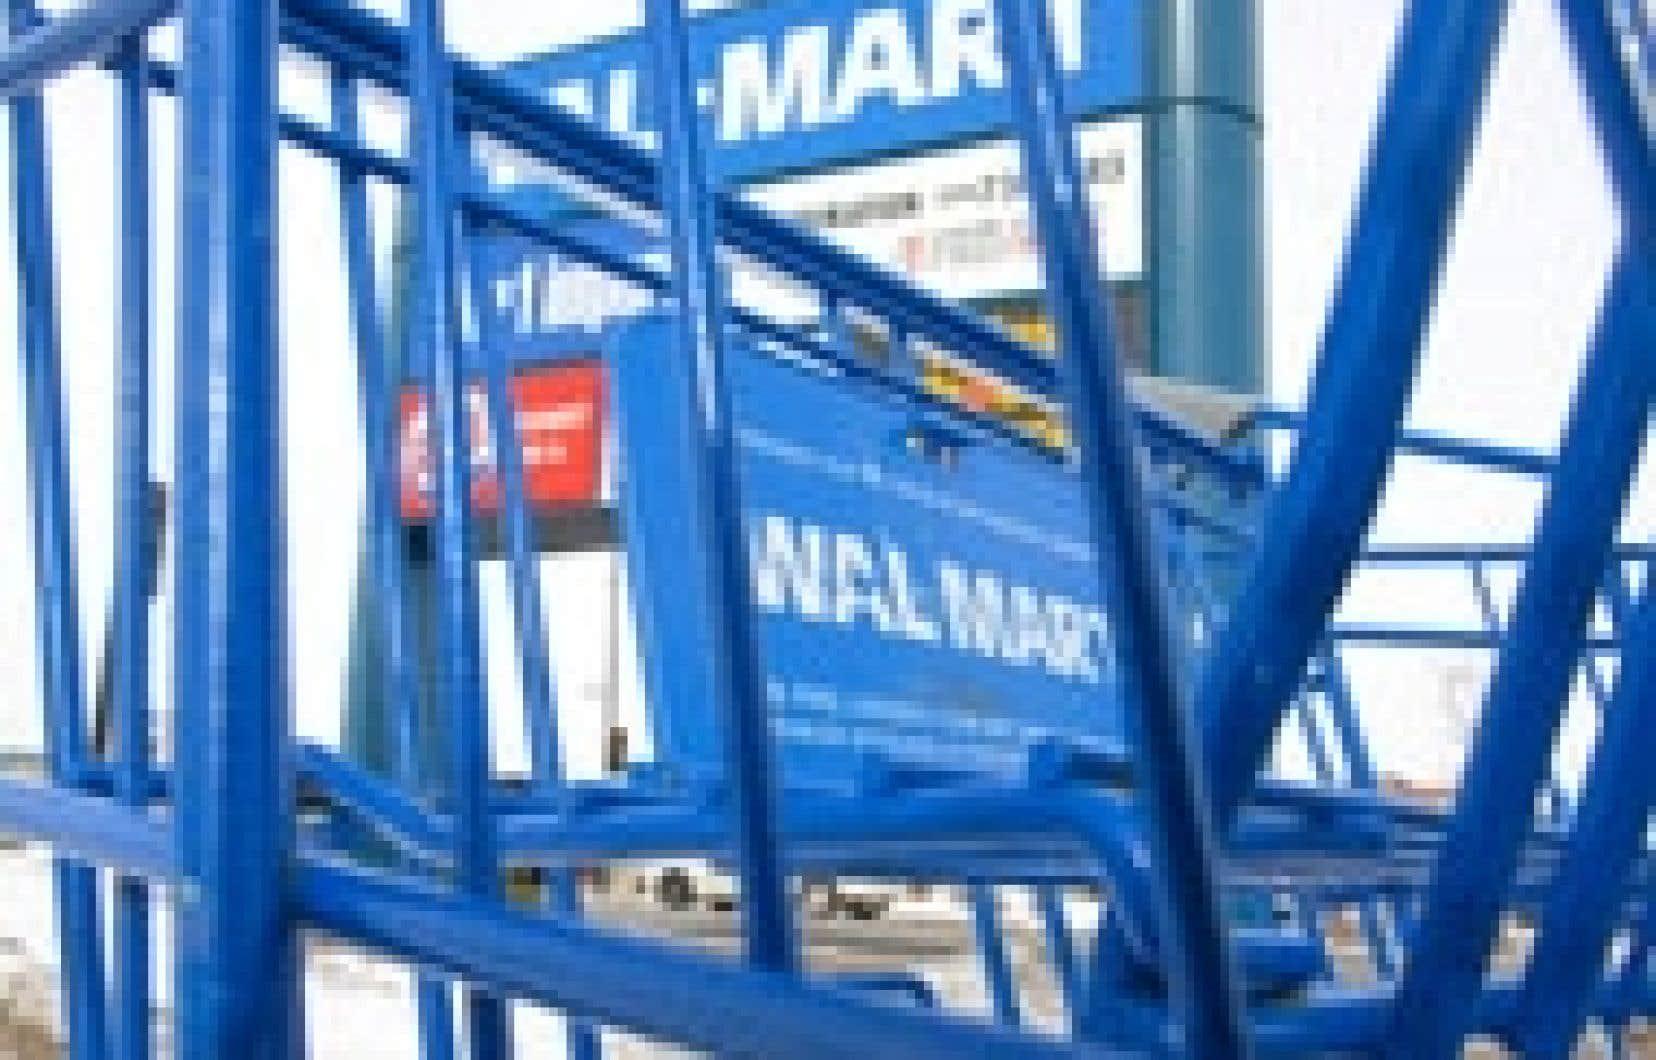 La demande d'intenter un recours collectif contre Wal-Mart n'émane pas du syndicat, mais est une initiative personnelle d'anciens travailleurs.